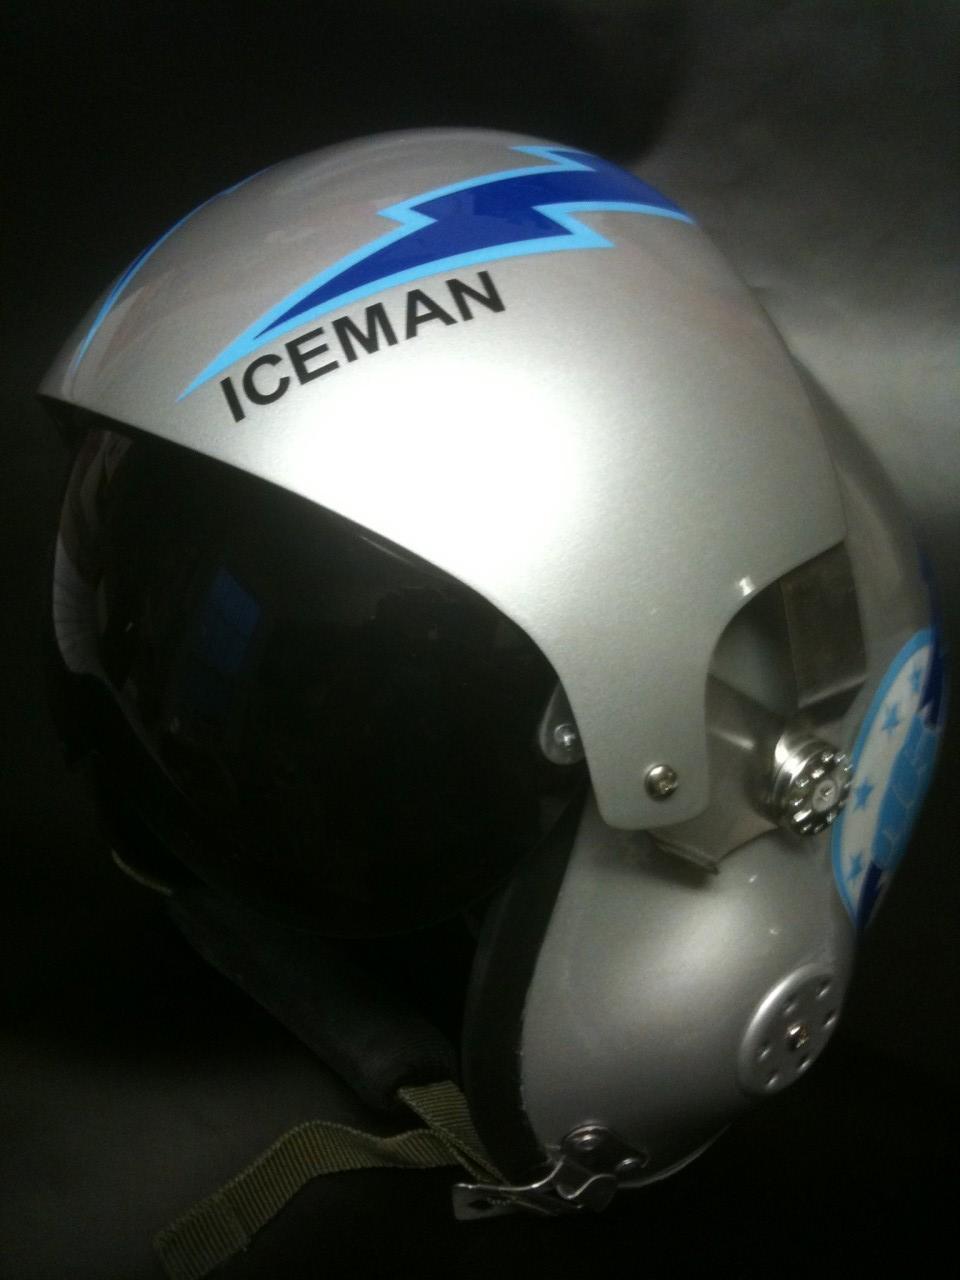 TOP GUN ICEMAN FLIGHT HELMET MOVIE PROP FIGHTER PILOT ...